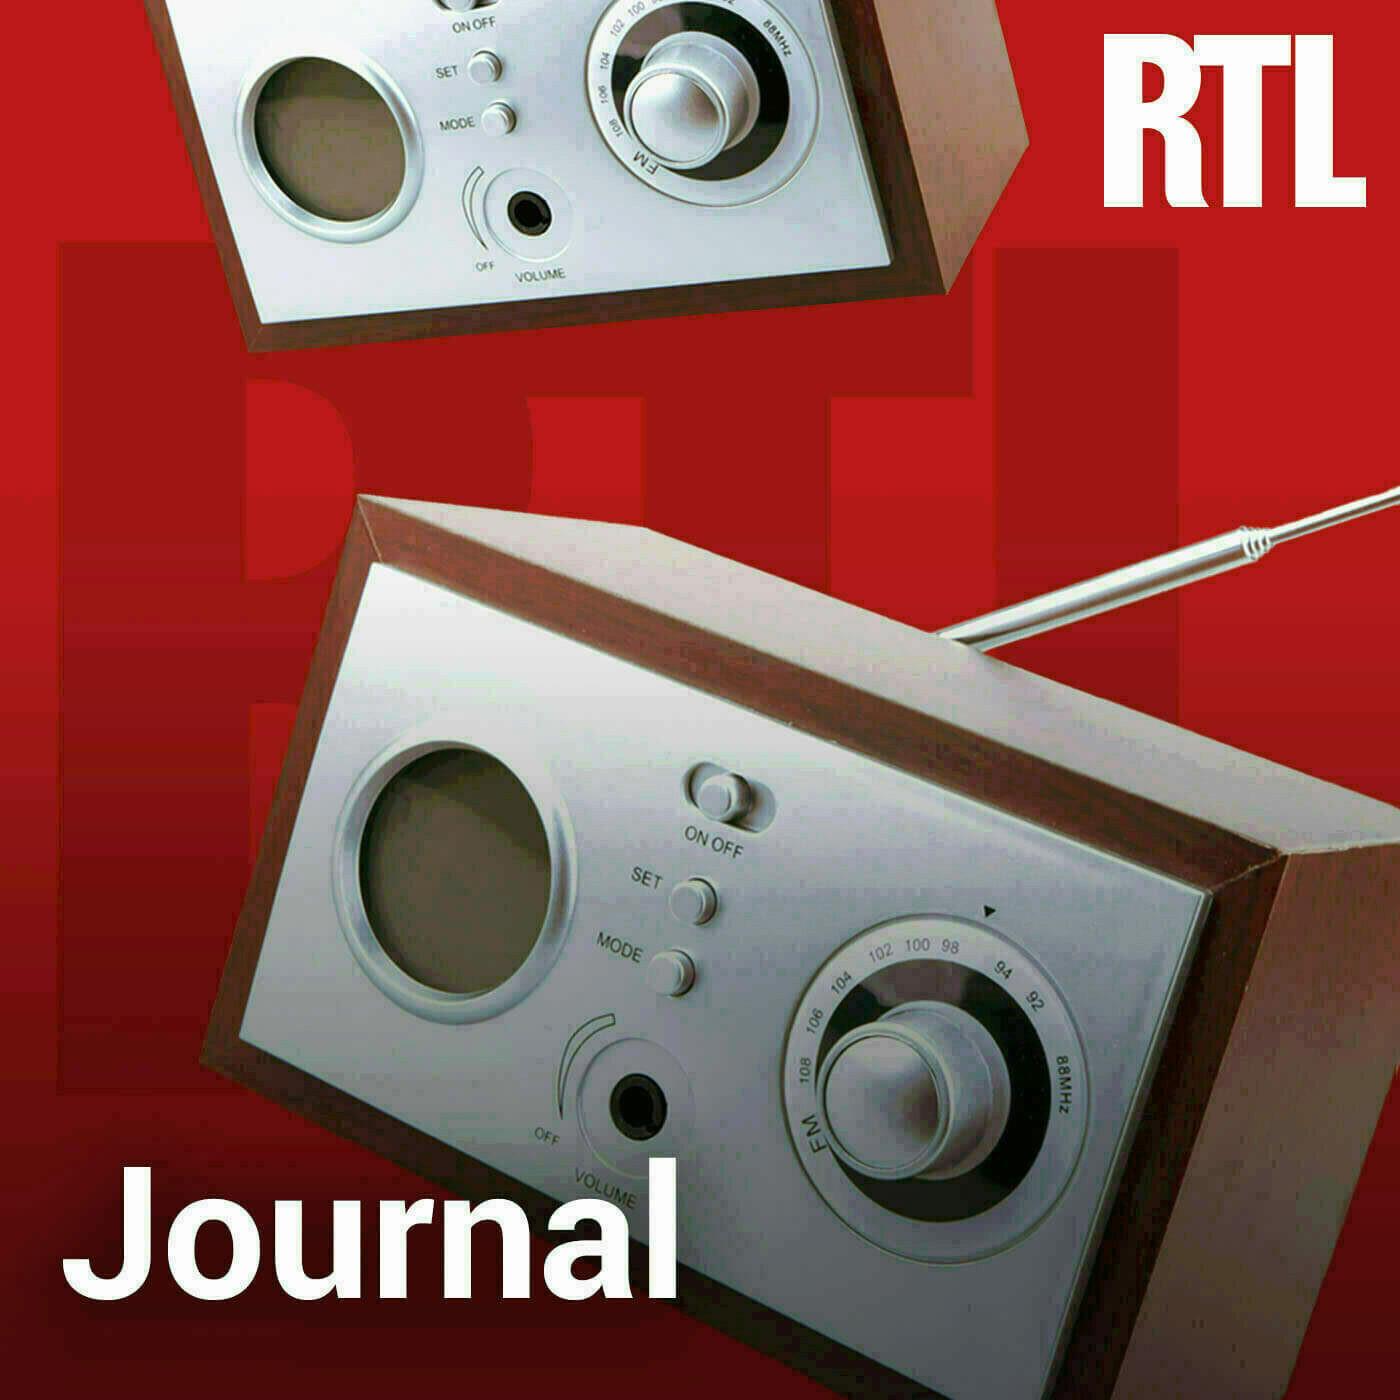 Le journal RTL de 7h du 21 octobre 2020